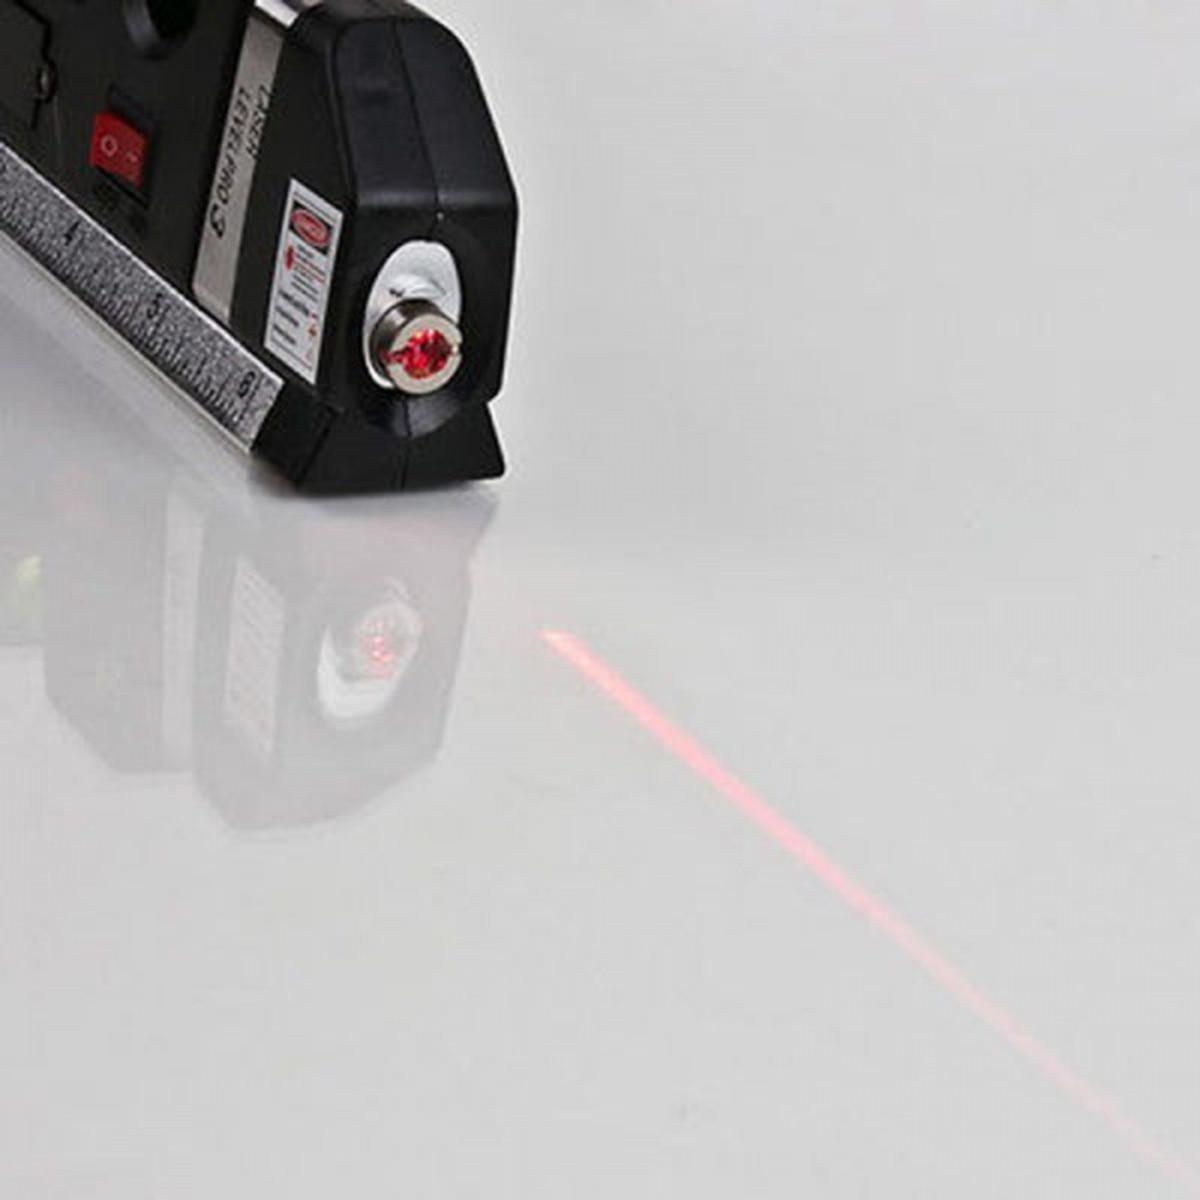 3i1 Laser-Vater-Målebånd